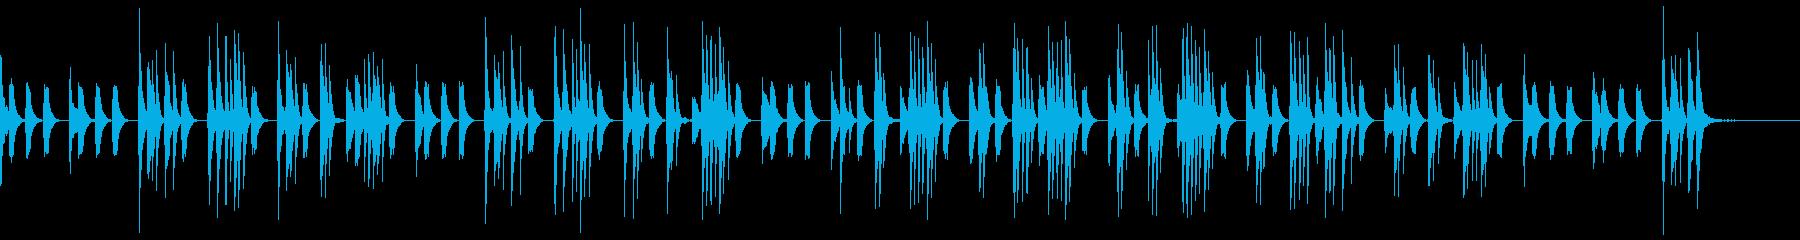 ほのぼの日常系、素朴な音色、ショートの再生済みの波形